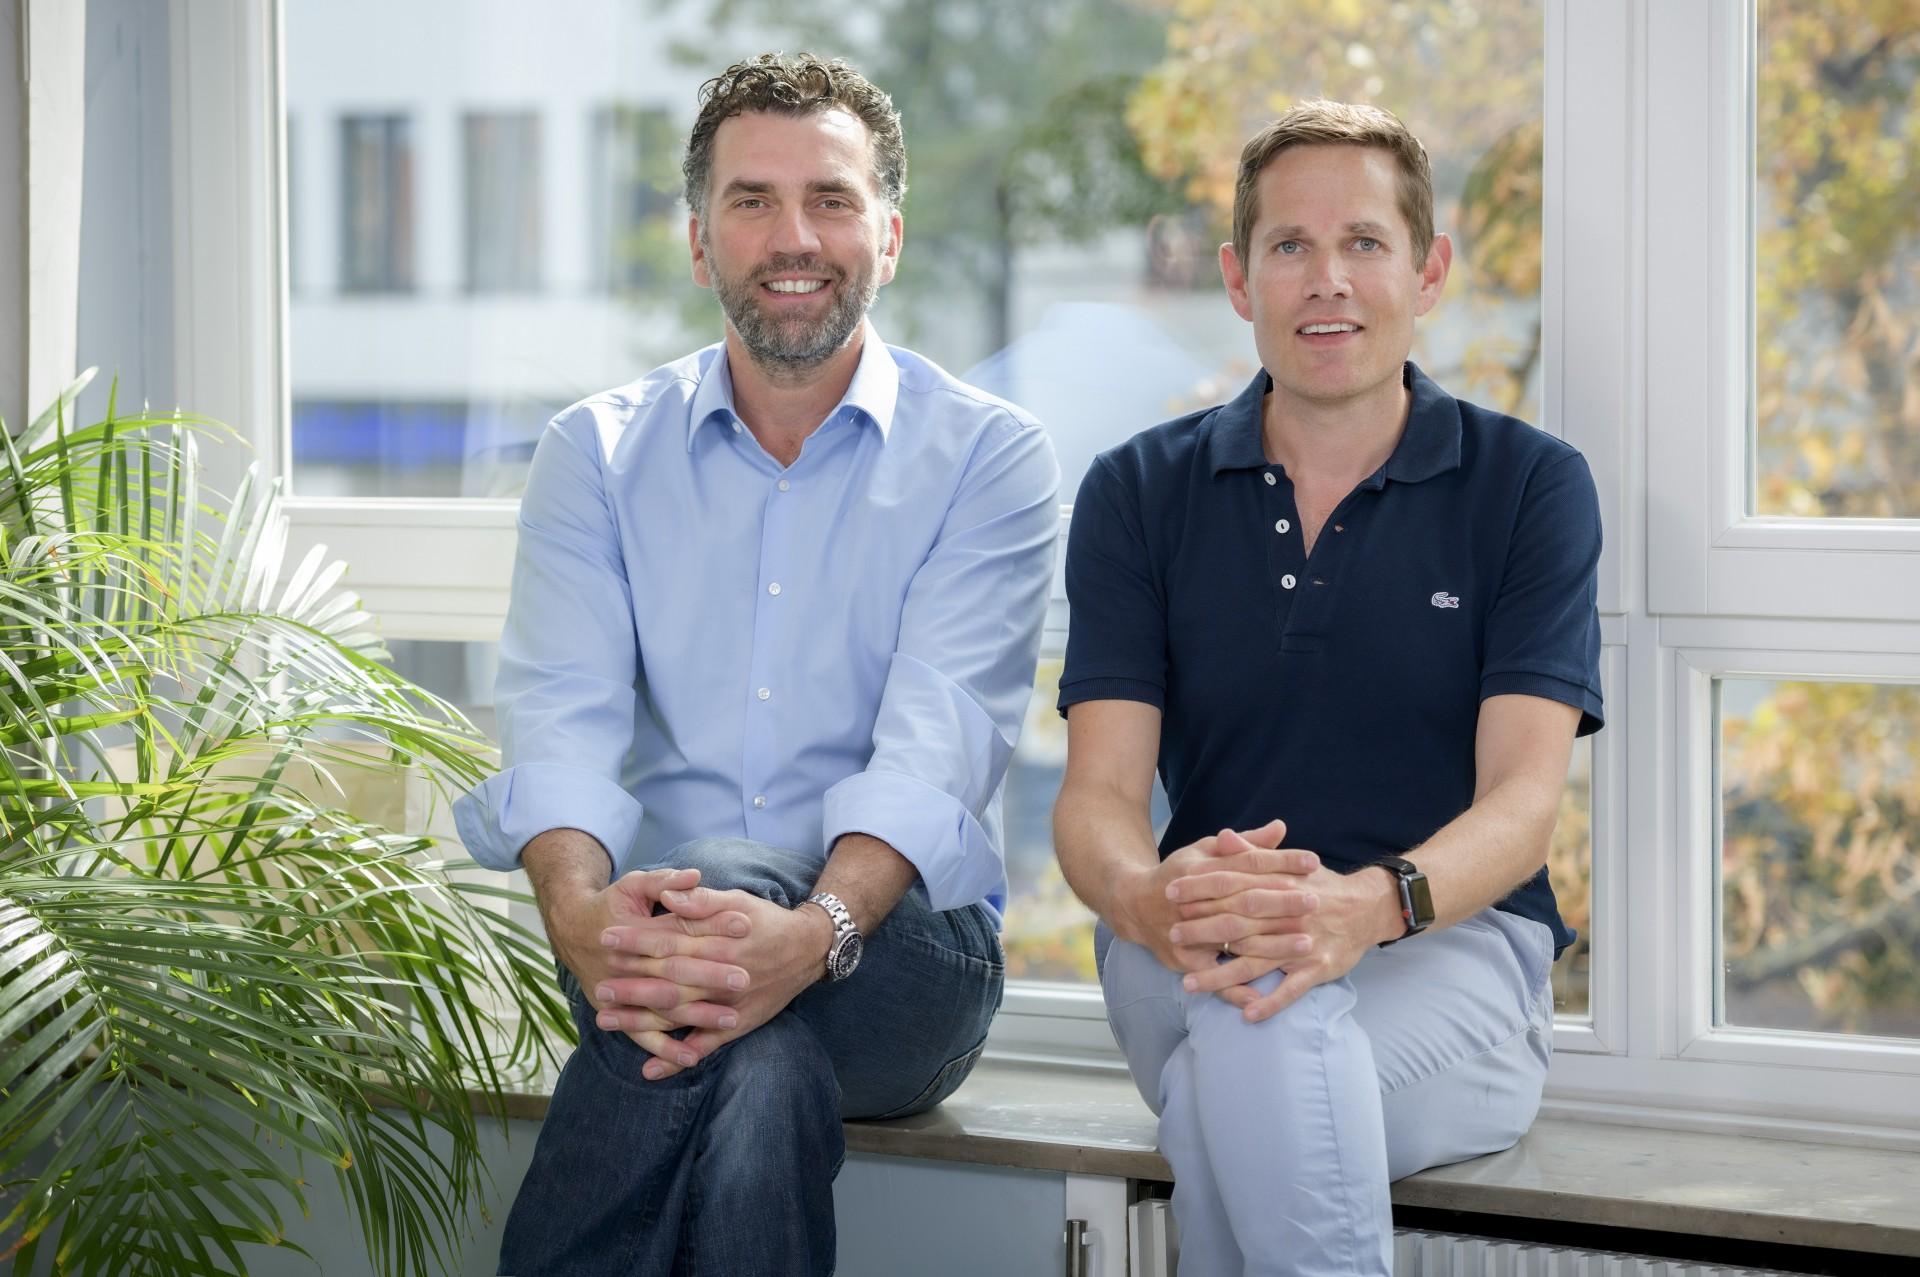 Dr. med. Michael Bey & Dr. med. Daniel Neuberger